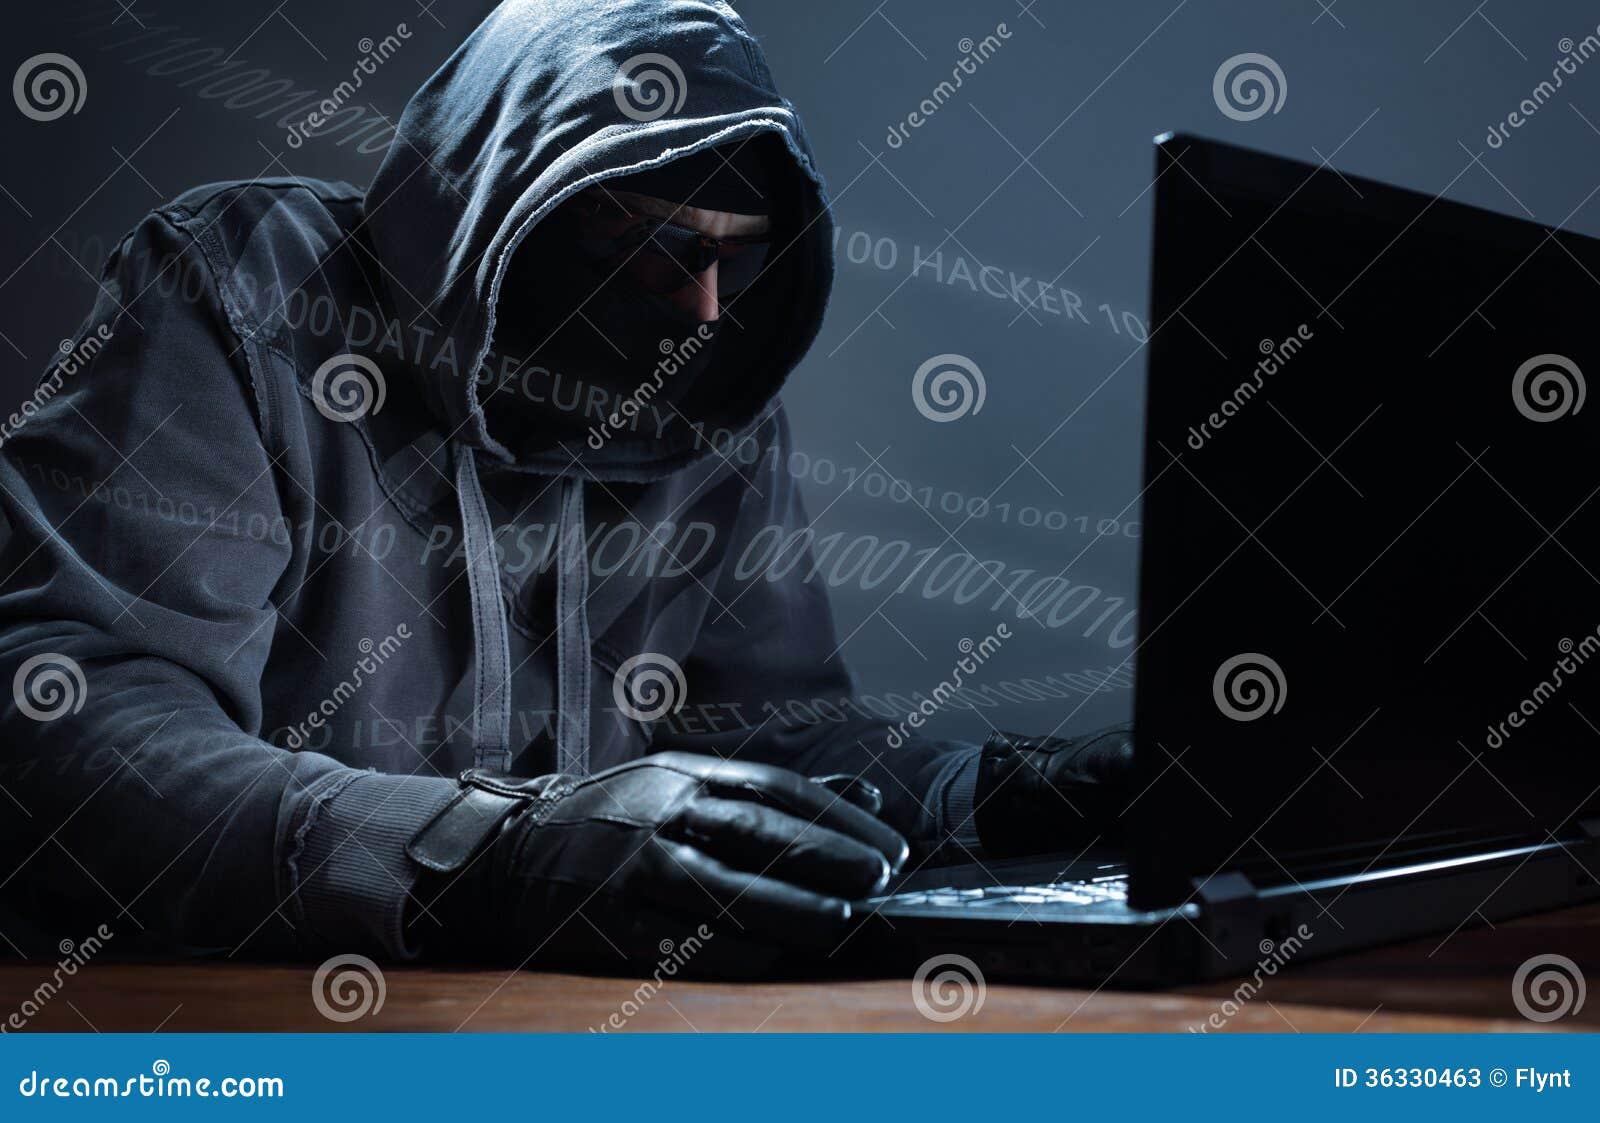 Pirata informático que roba datos de un ordenador portátil